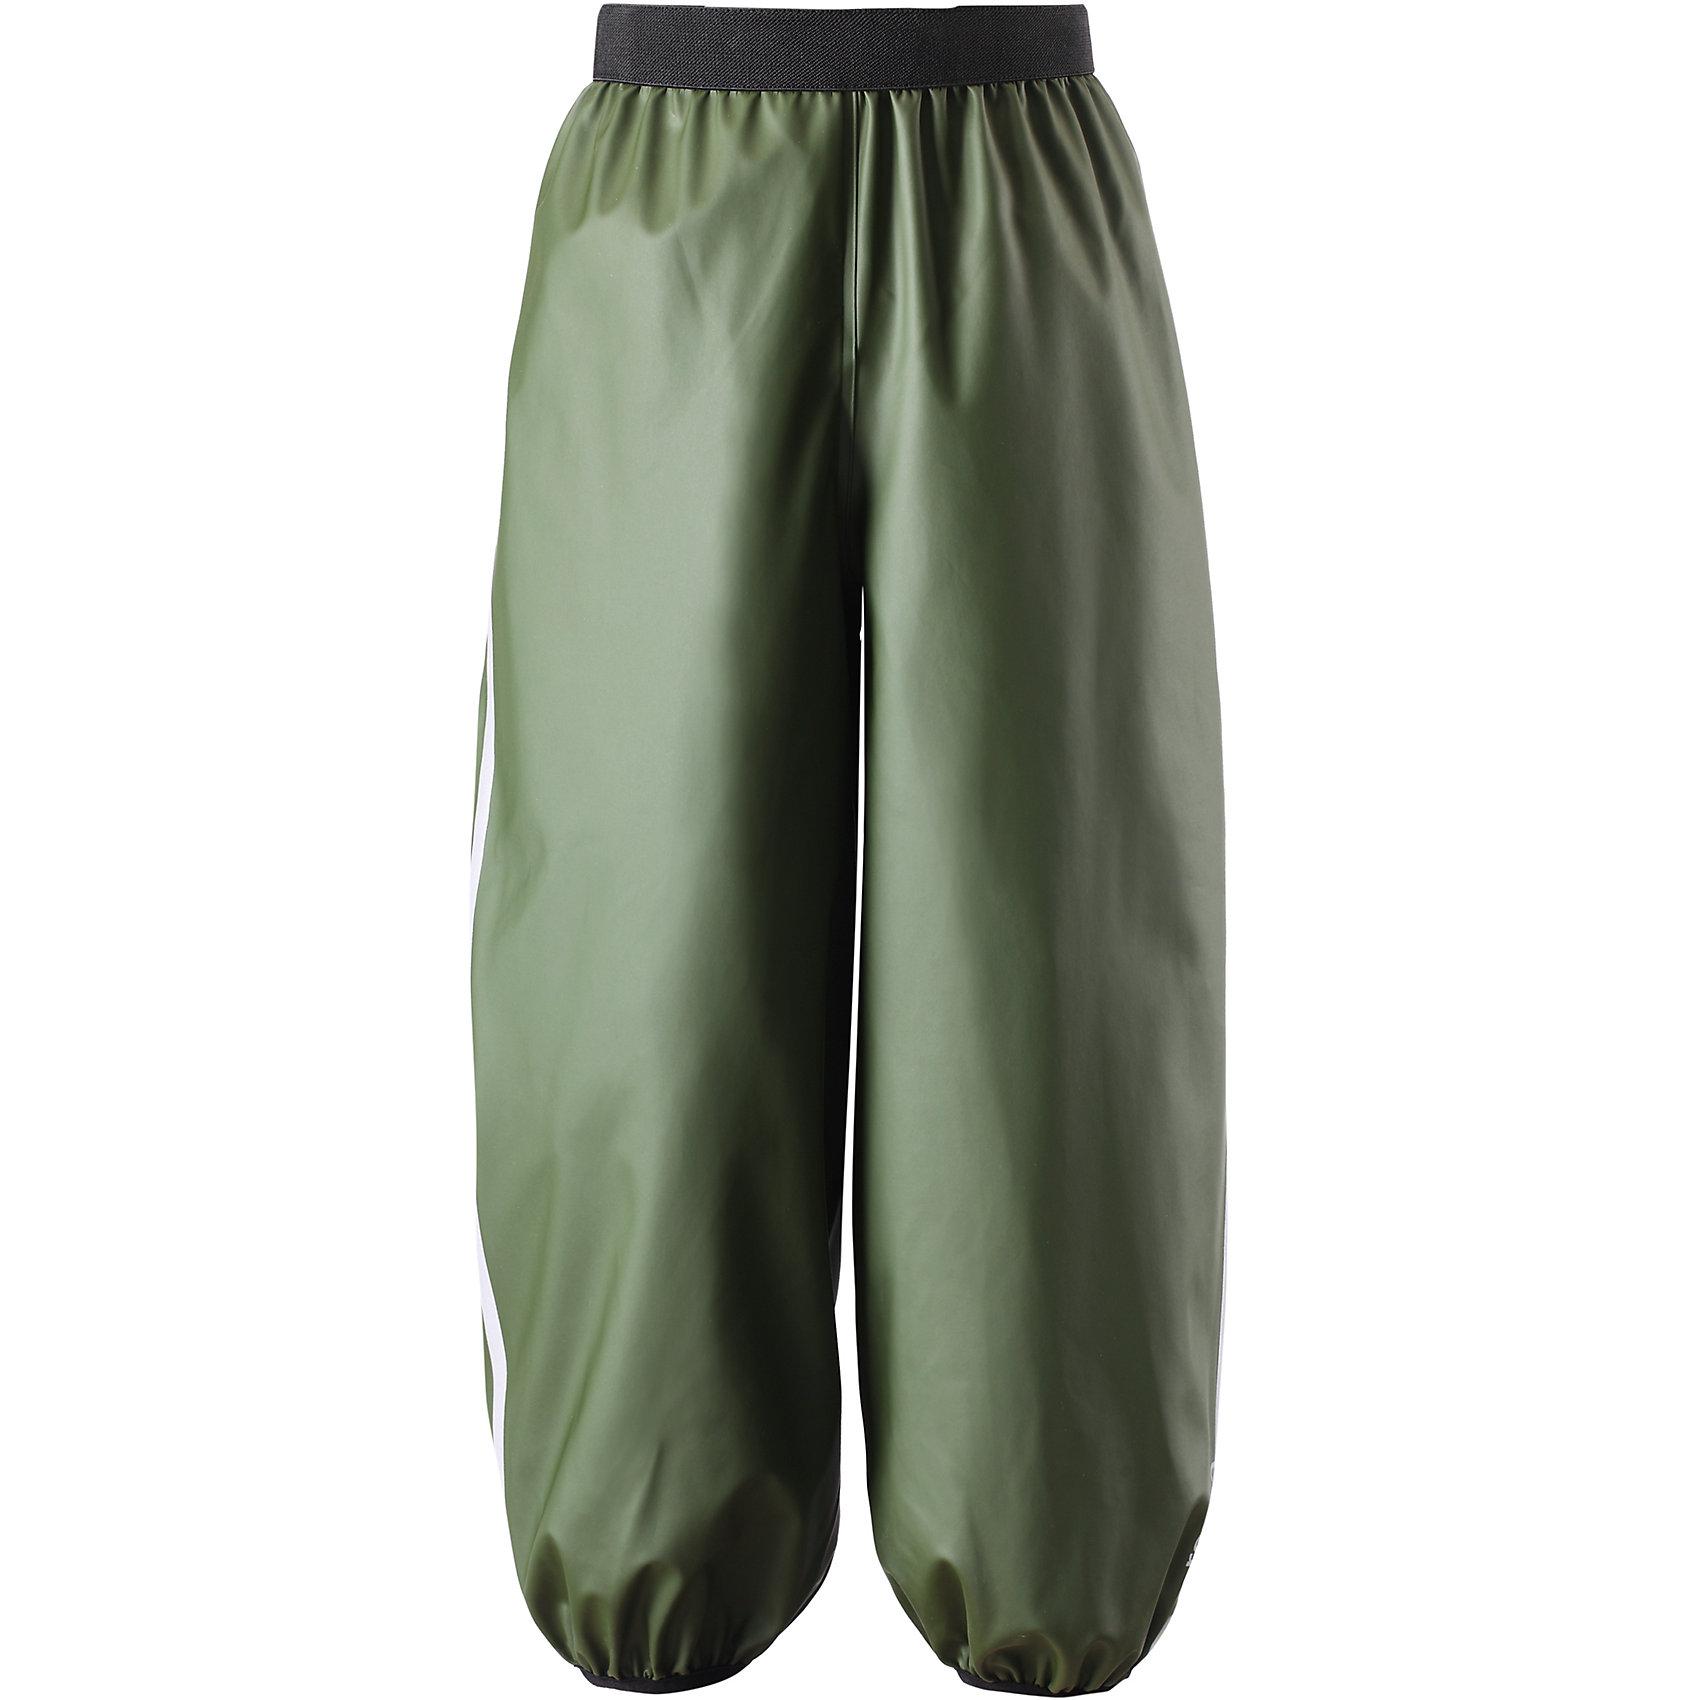 Непромокаемые брюки Oja для мальчика ReimaОдежда<br>Непромокаемые брюки Reima.<br>Детские брюки для дождливой погоды. Запаянные швы, не пропускающие влагу. Эластичный материал. Без ПХВ. Эластичная талия. Съемные штрипки в размерах от 104 до 128 см. Безопасные светоотражающие детали. Отличный вариант для дождливой погоды.<br>Уход:<br>Стирать по отдельности, вывернув наизнанку. Стирать моющим средством, не содержащим отбеливающие вещества. Полоскать без специального средства. Во избежание изменения цвета изделие необходимо вынуть из стиральной машинки незамедлительно после окончания программы стирки. Сушить при низкой температуре.<br>Состав:<br>100% Полиамид, полиуретановое покрытие<br><br>Ширина мм: 215<br>Глубина мм: 88<br>Высота мм: 191<br>Вес г: 336<br>Цвет: зеленый<br>Возраст от месяцев: 96<br>Возраст до месяцев: 108<br>Пол: Мужской<br>Возраст: Детский<br>Размер: 134,140,122,104,128,116,110<br>SKU: 4777972